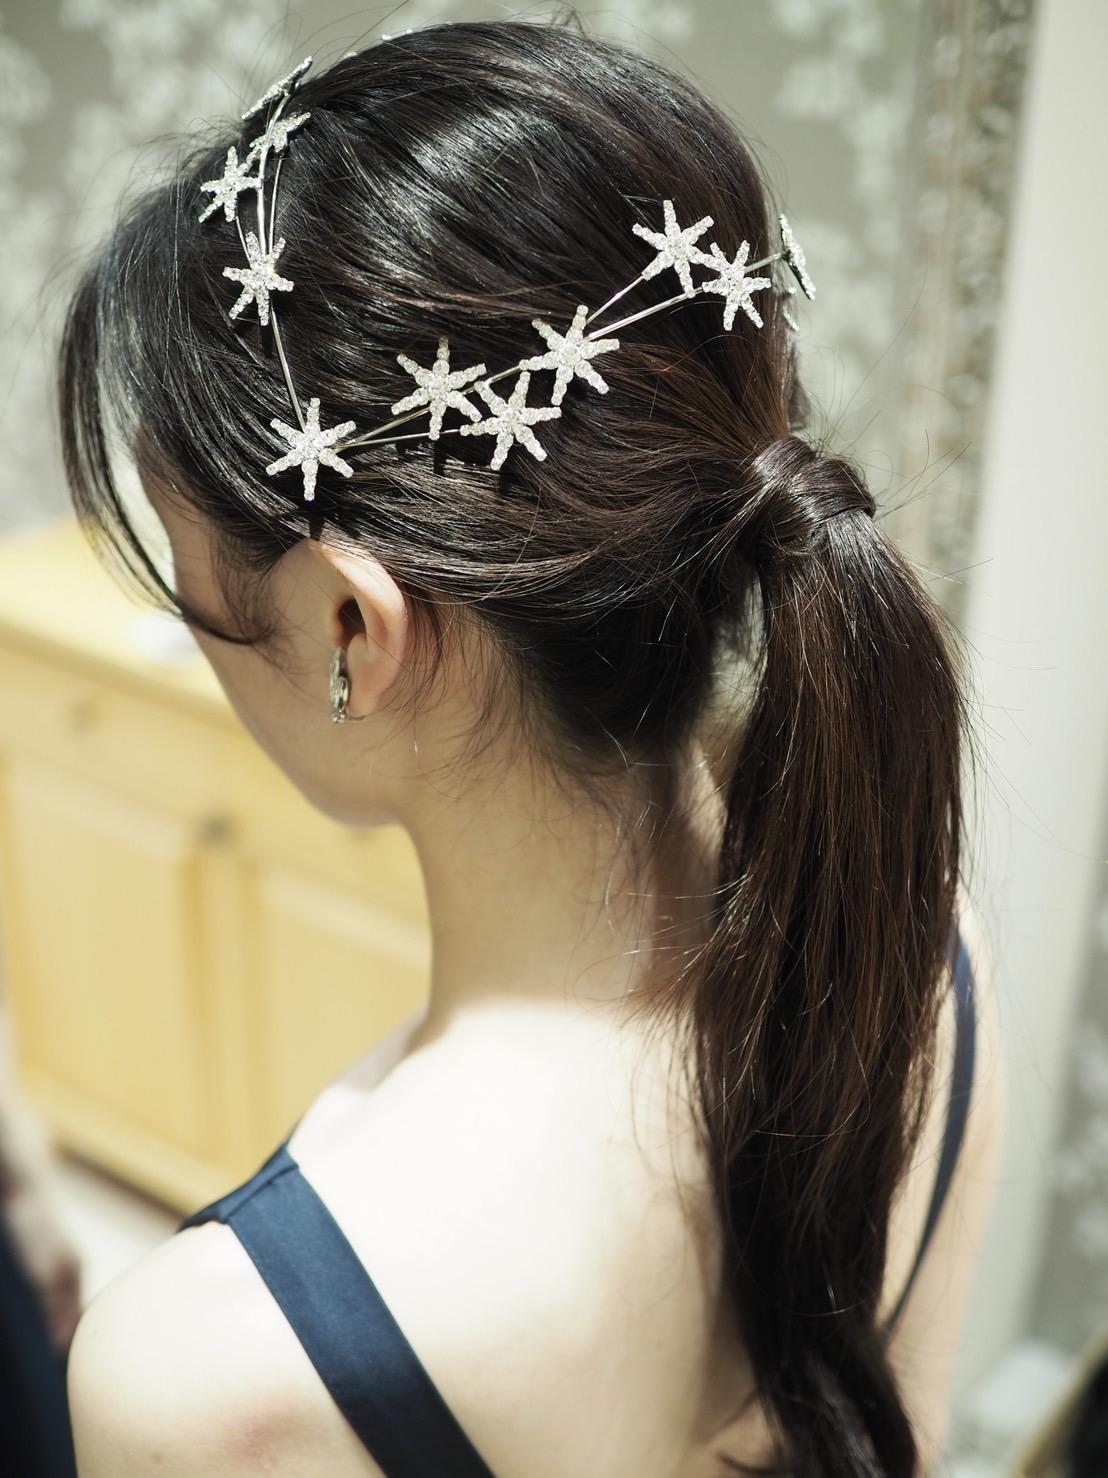 トリートドレッシングで取り扱いのある結婚式や前撮りにおススメのポニーテールのヘアスタイルと星モチーフのアクセサリー